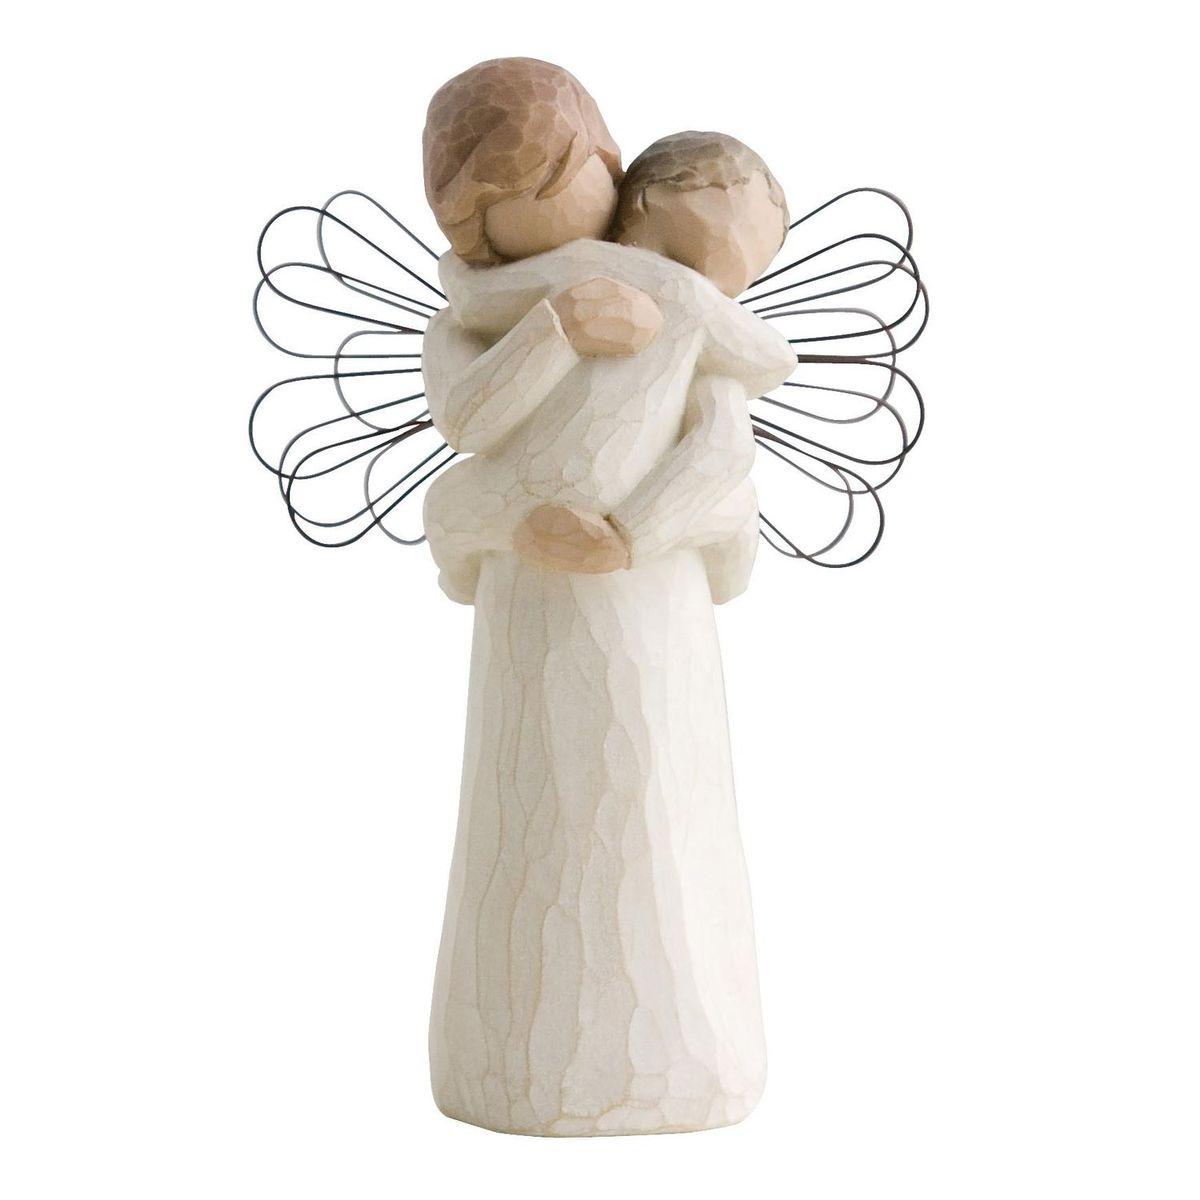 Фигурка Willow Tree Ангел объятий, 14 см26084Эти прекрасные статуэтки созданы канадским скульптором Сьюзан Лорди. Каждая фигурка – это настоящее произведение искусства, образная скульптура в миниатюре, изображающая эмоции и чувства, которые помогают нам чувствовать себя ближе к другим, верить в мечту, выражать любовь. Каждая фигурка помещена в красивую упаковку. Купить такой оригинальный подарок, значит не только украсить интерьер помещения или жилой комнаты, но выразить свое глубокое отношение к любимому человеку. Этот прекрасный сувенир будет лучшим подарком на день ангела, именины, день рождения, юбилей. Материал: Искусственный камень (49% карбонат кальция мелкозернистой разновидности, 51% искусственный камень)